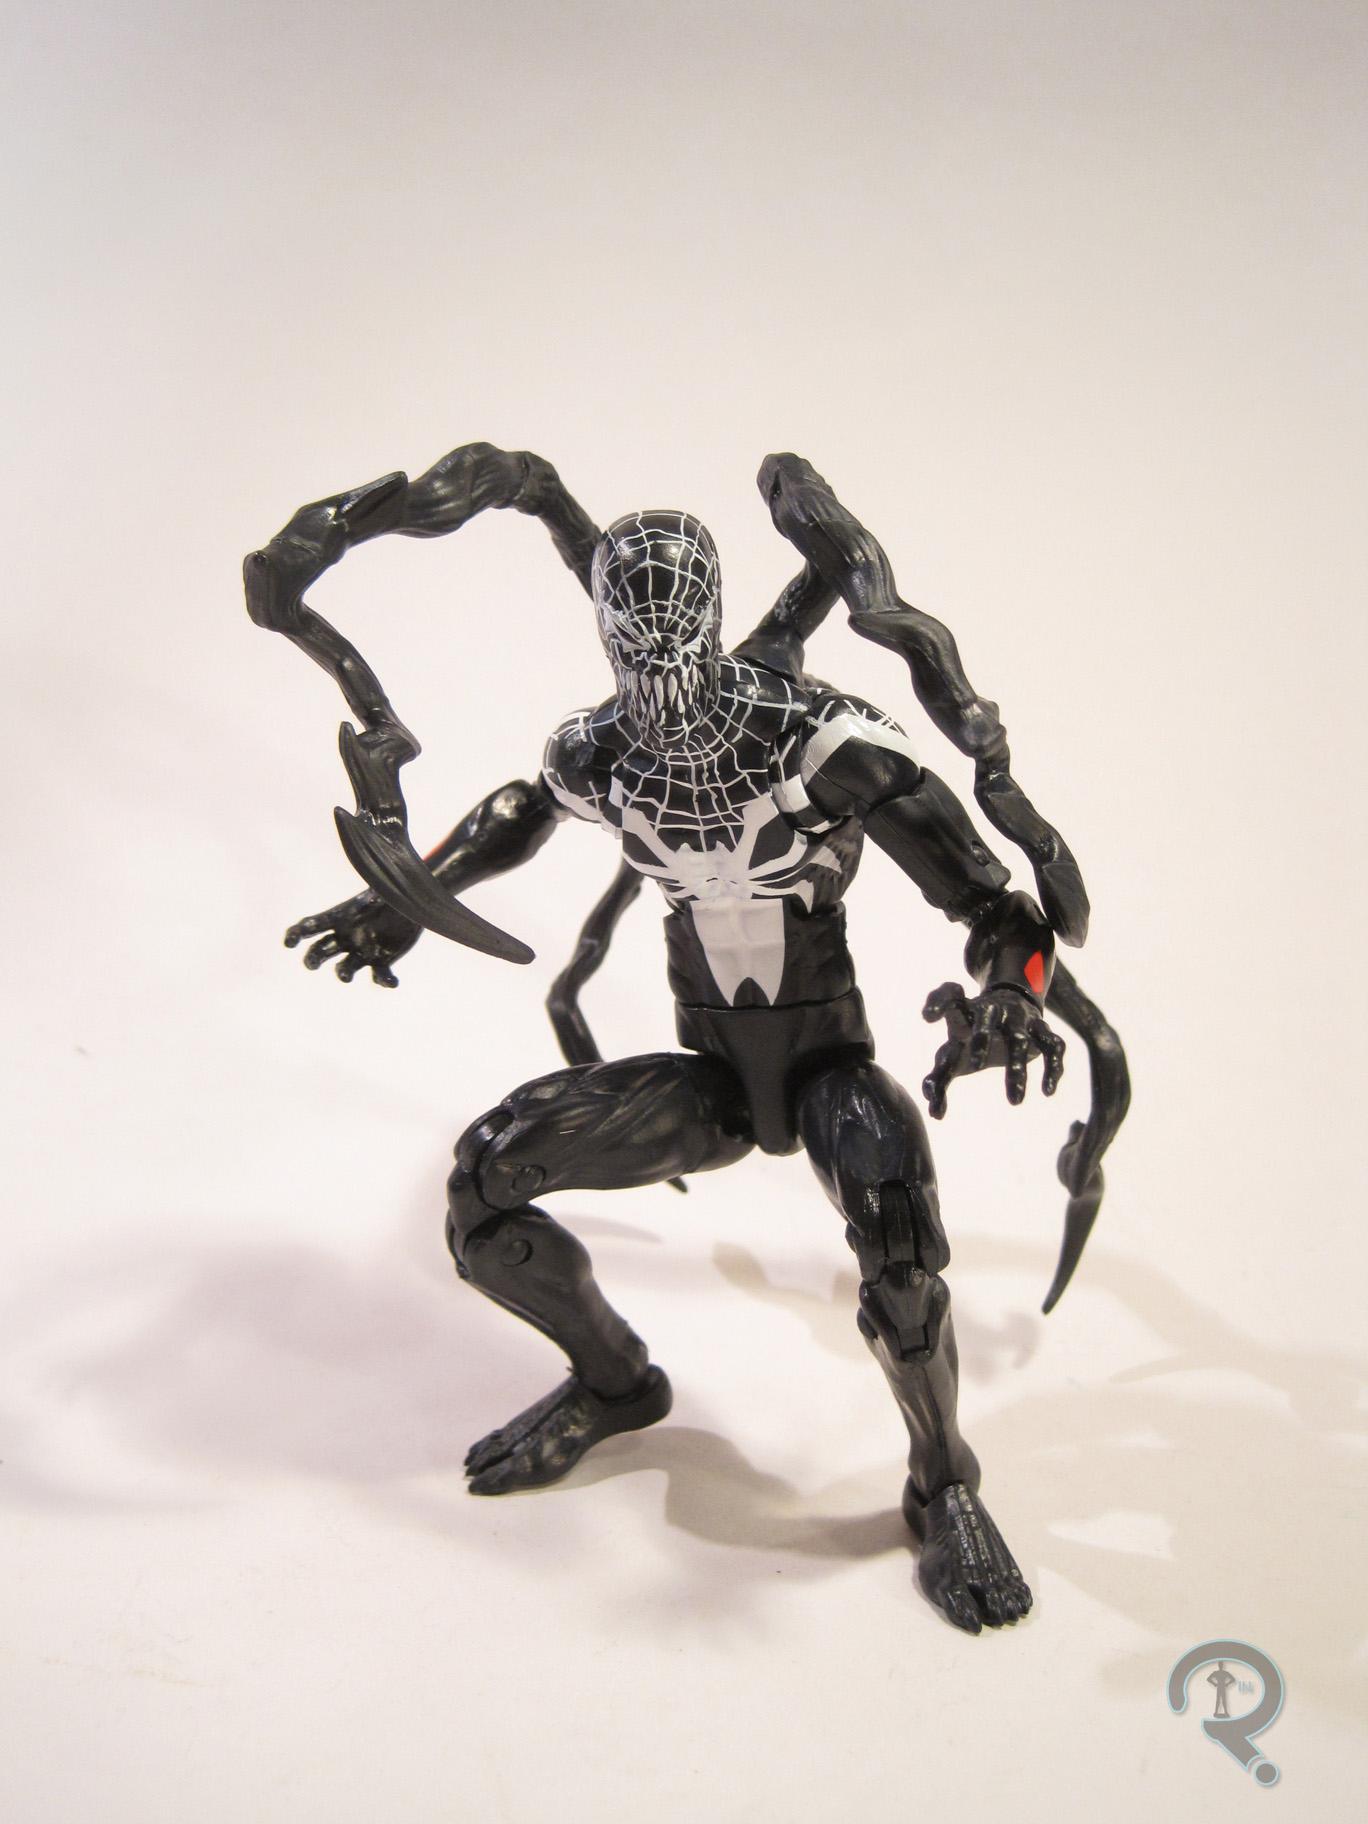 0651 superior venom the figure in question